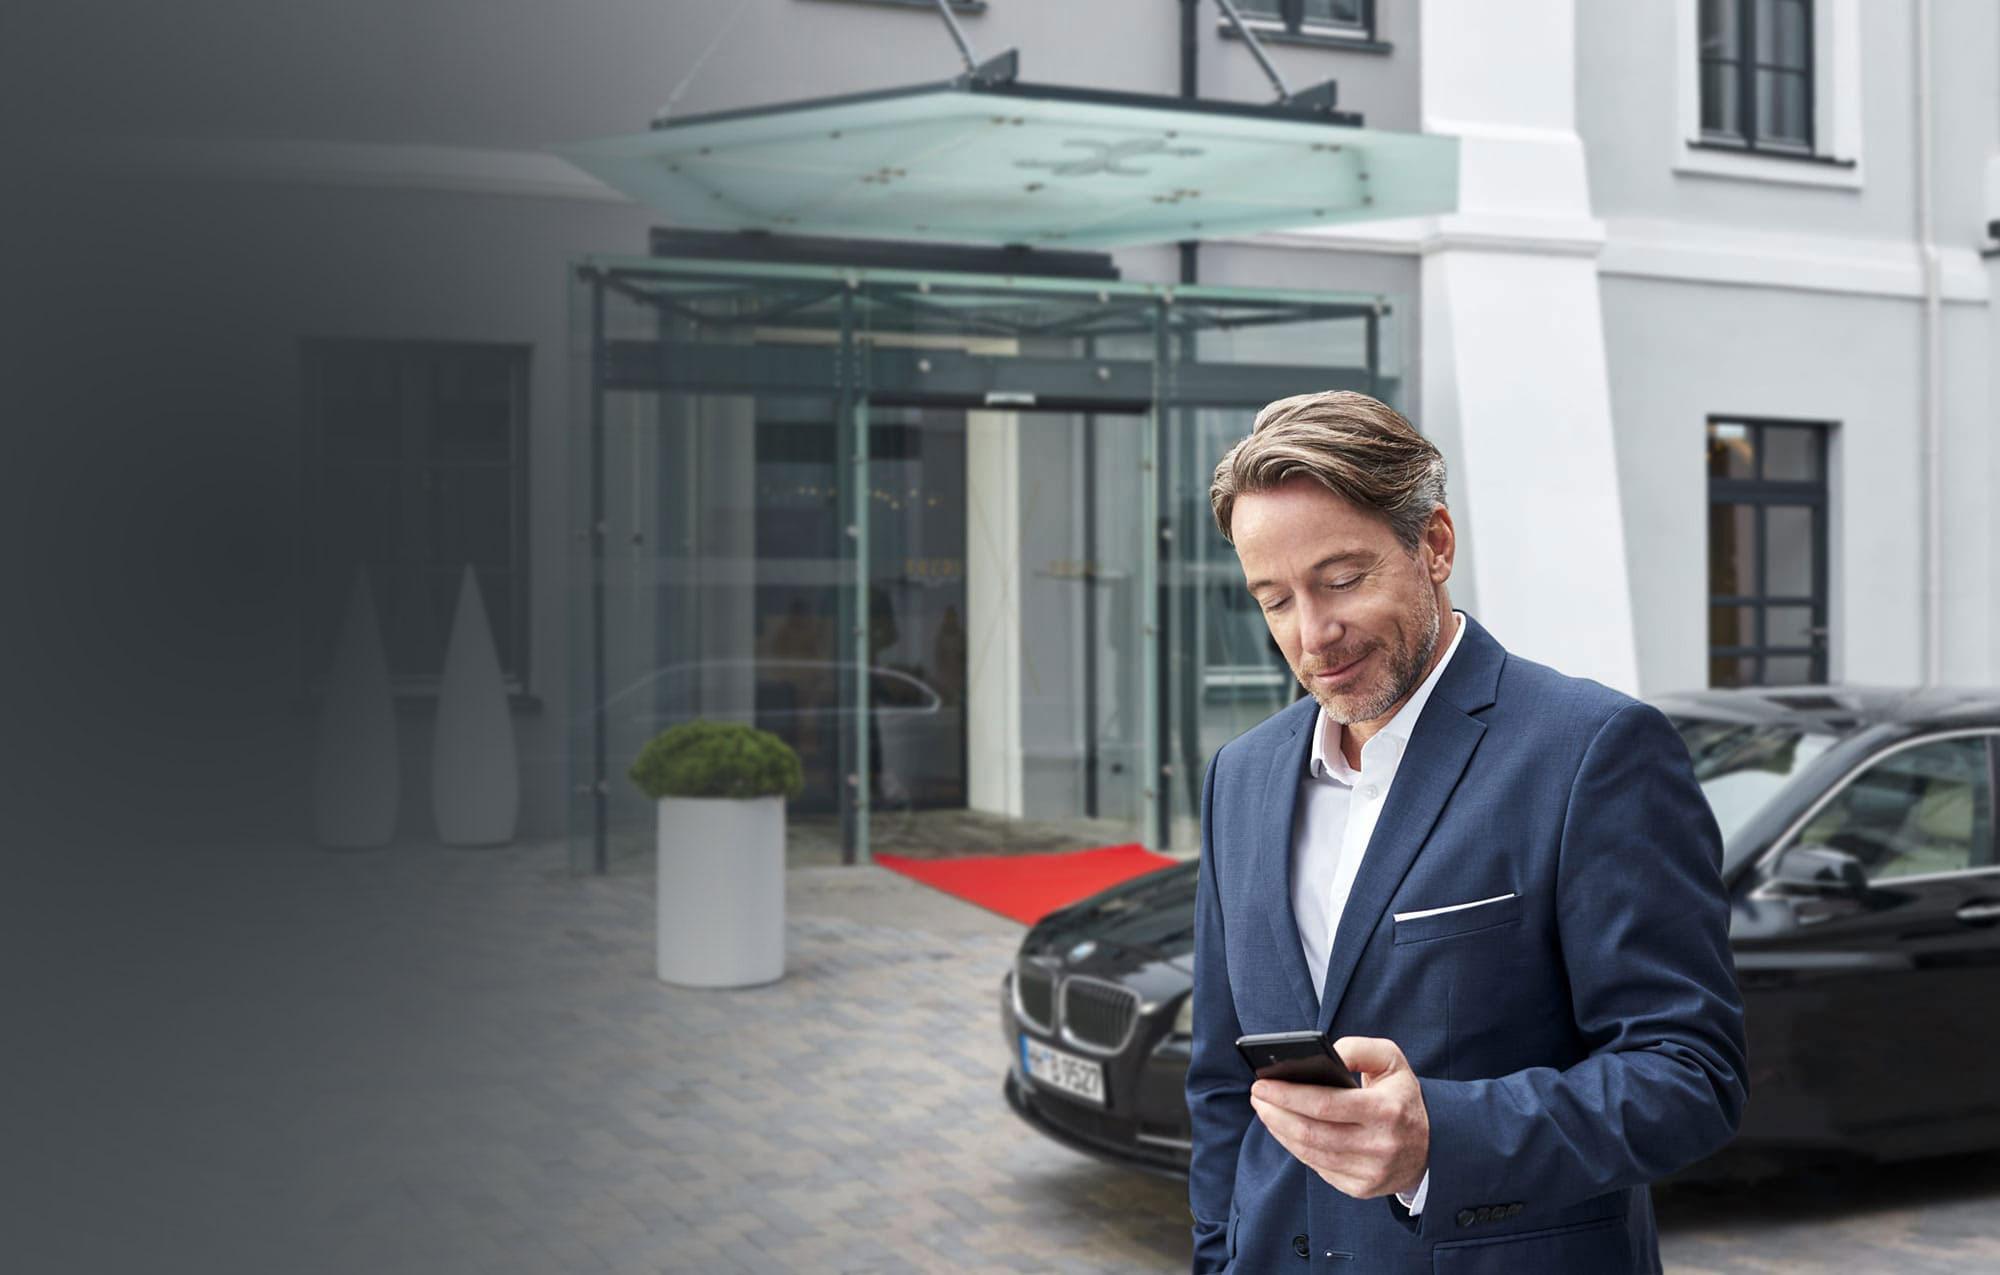 HRS Rebooking läuft einfach im Hintergrund: Ein Geschäftsreisender steht vor einem Hotel und schaut auf sein Smartphone.